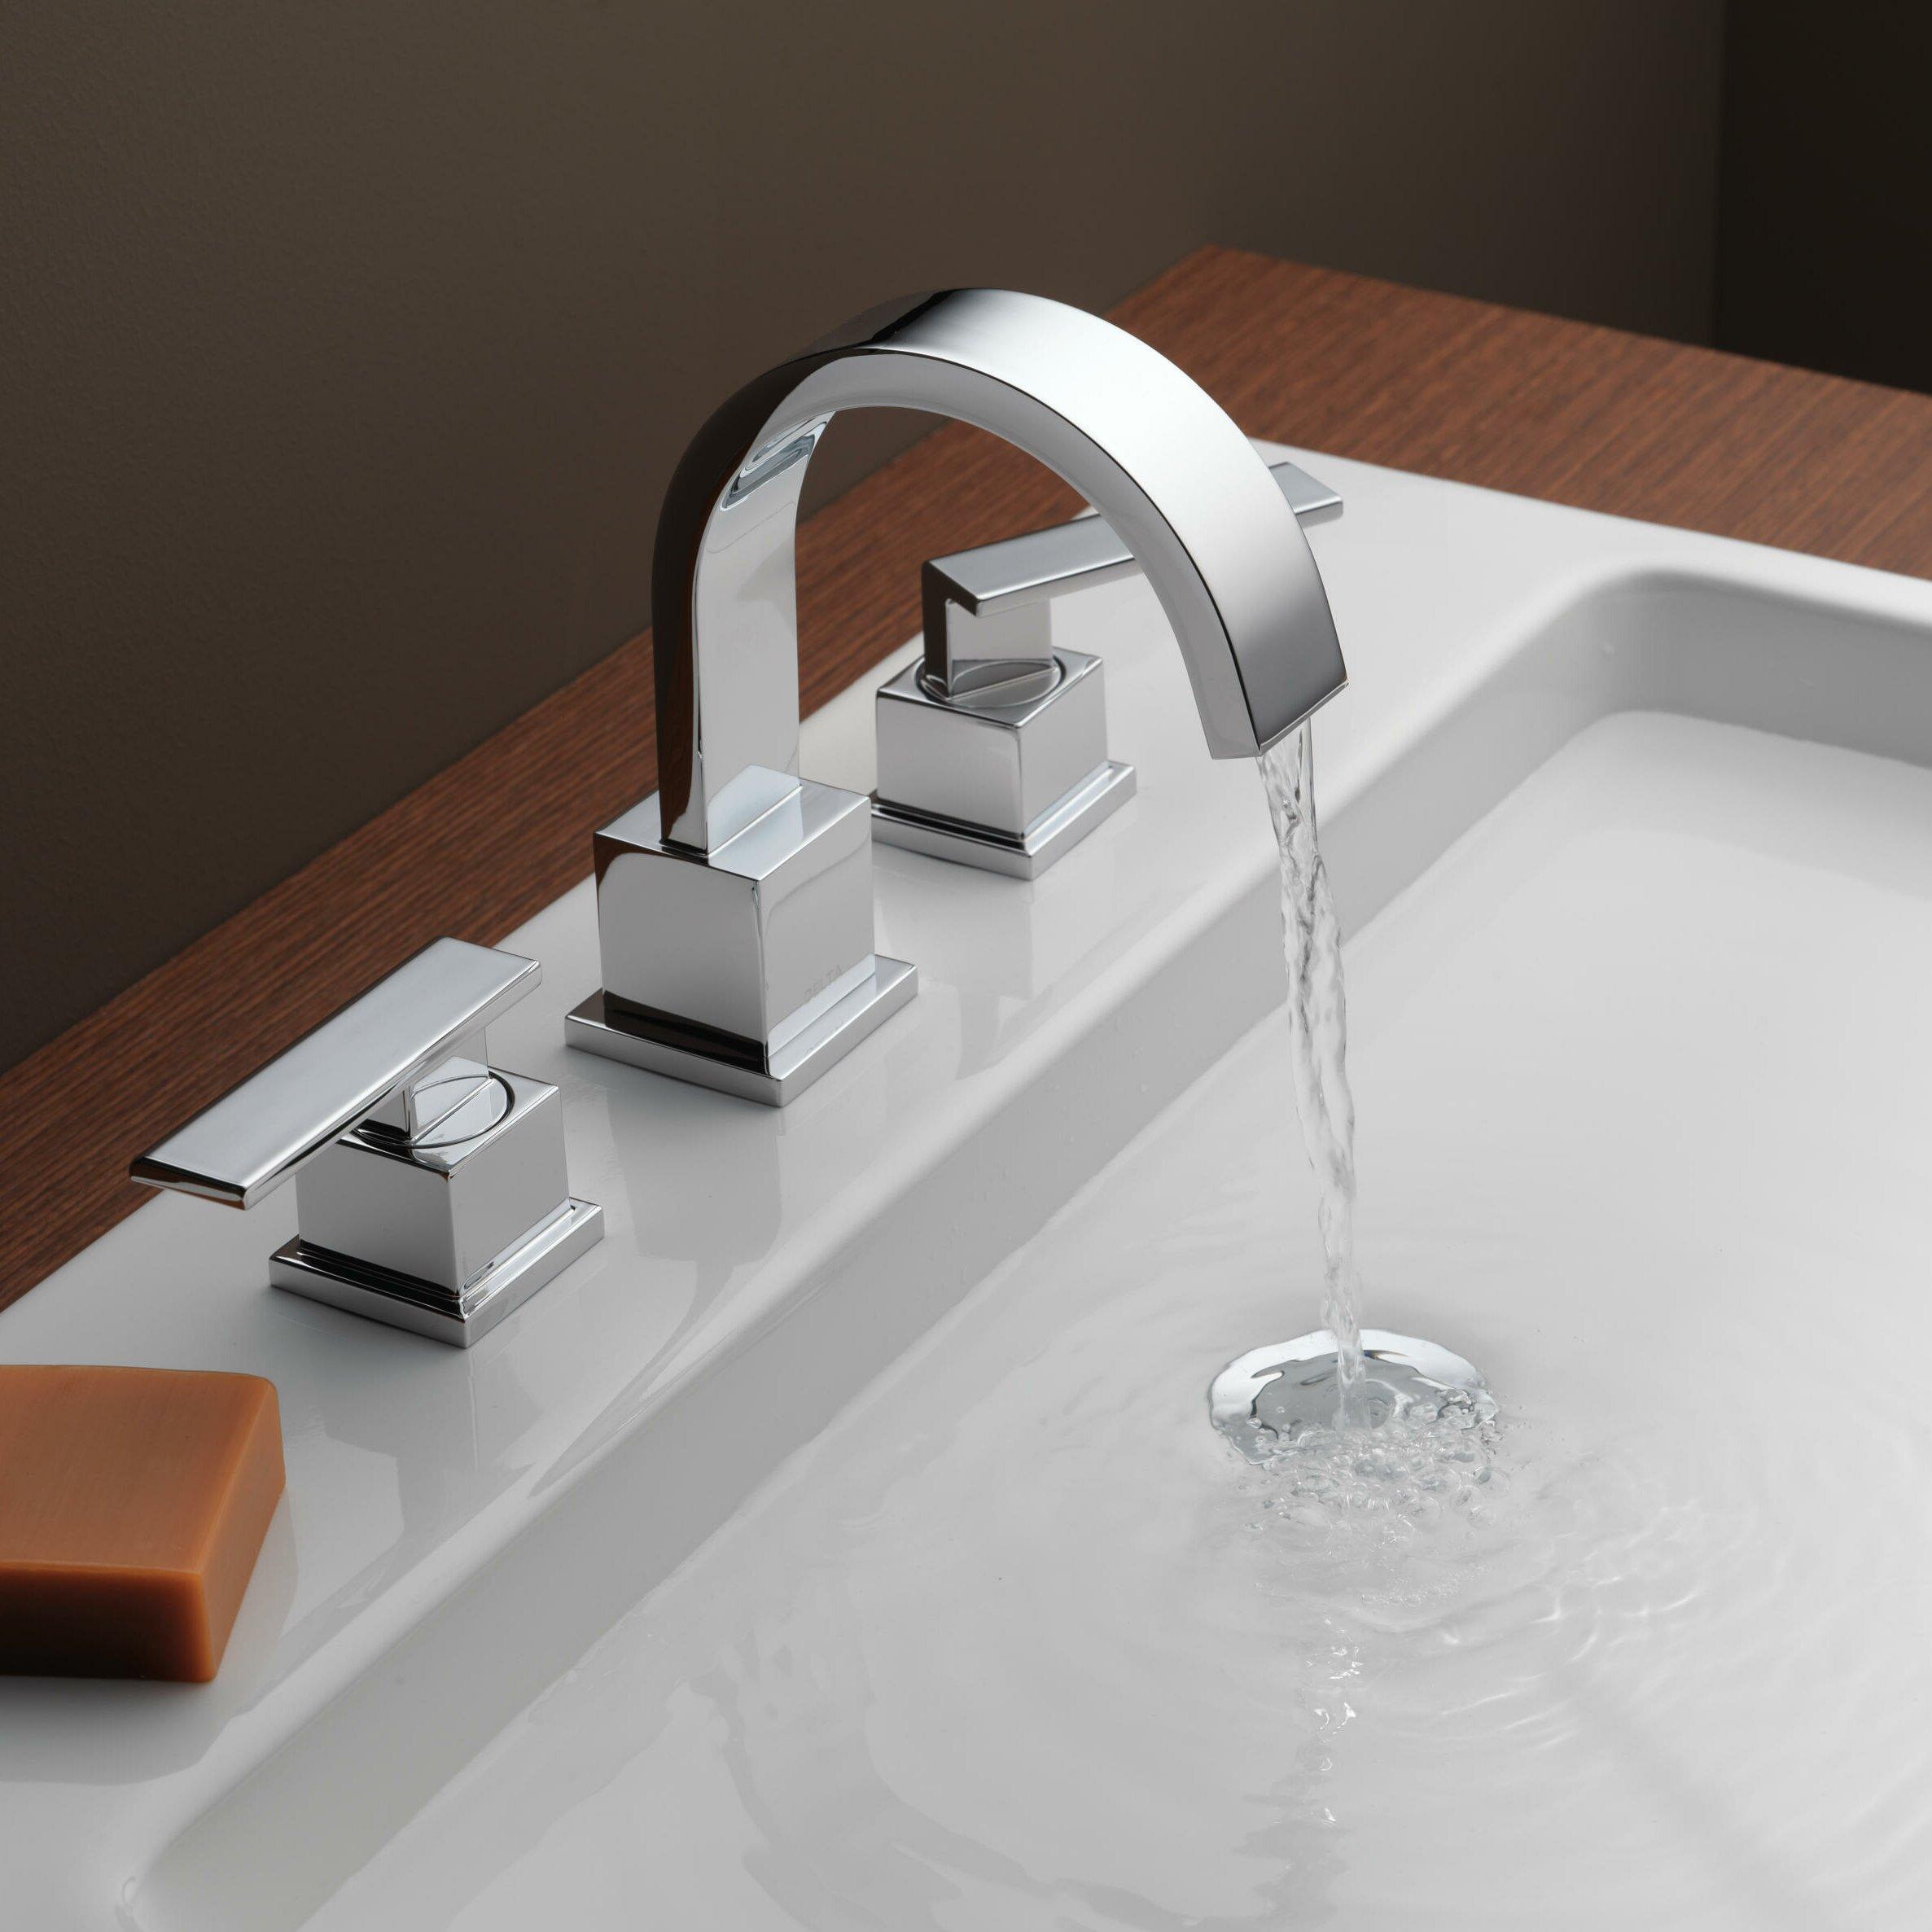 Delta vero two handle widespread bathroom faucet reviews wayfair for Bathroom sink faucets reviews